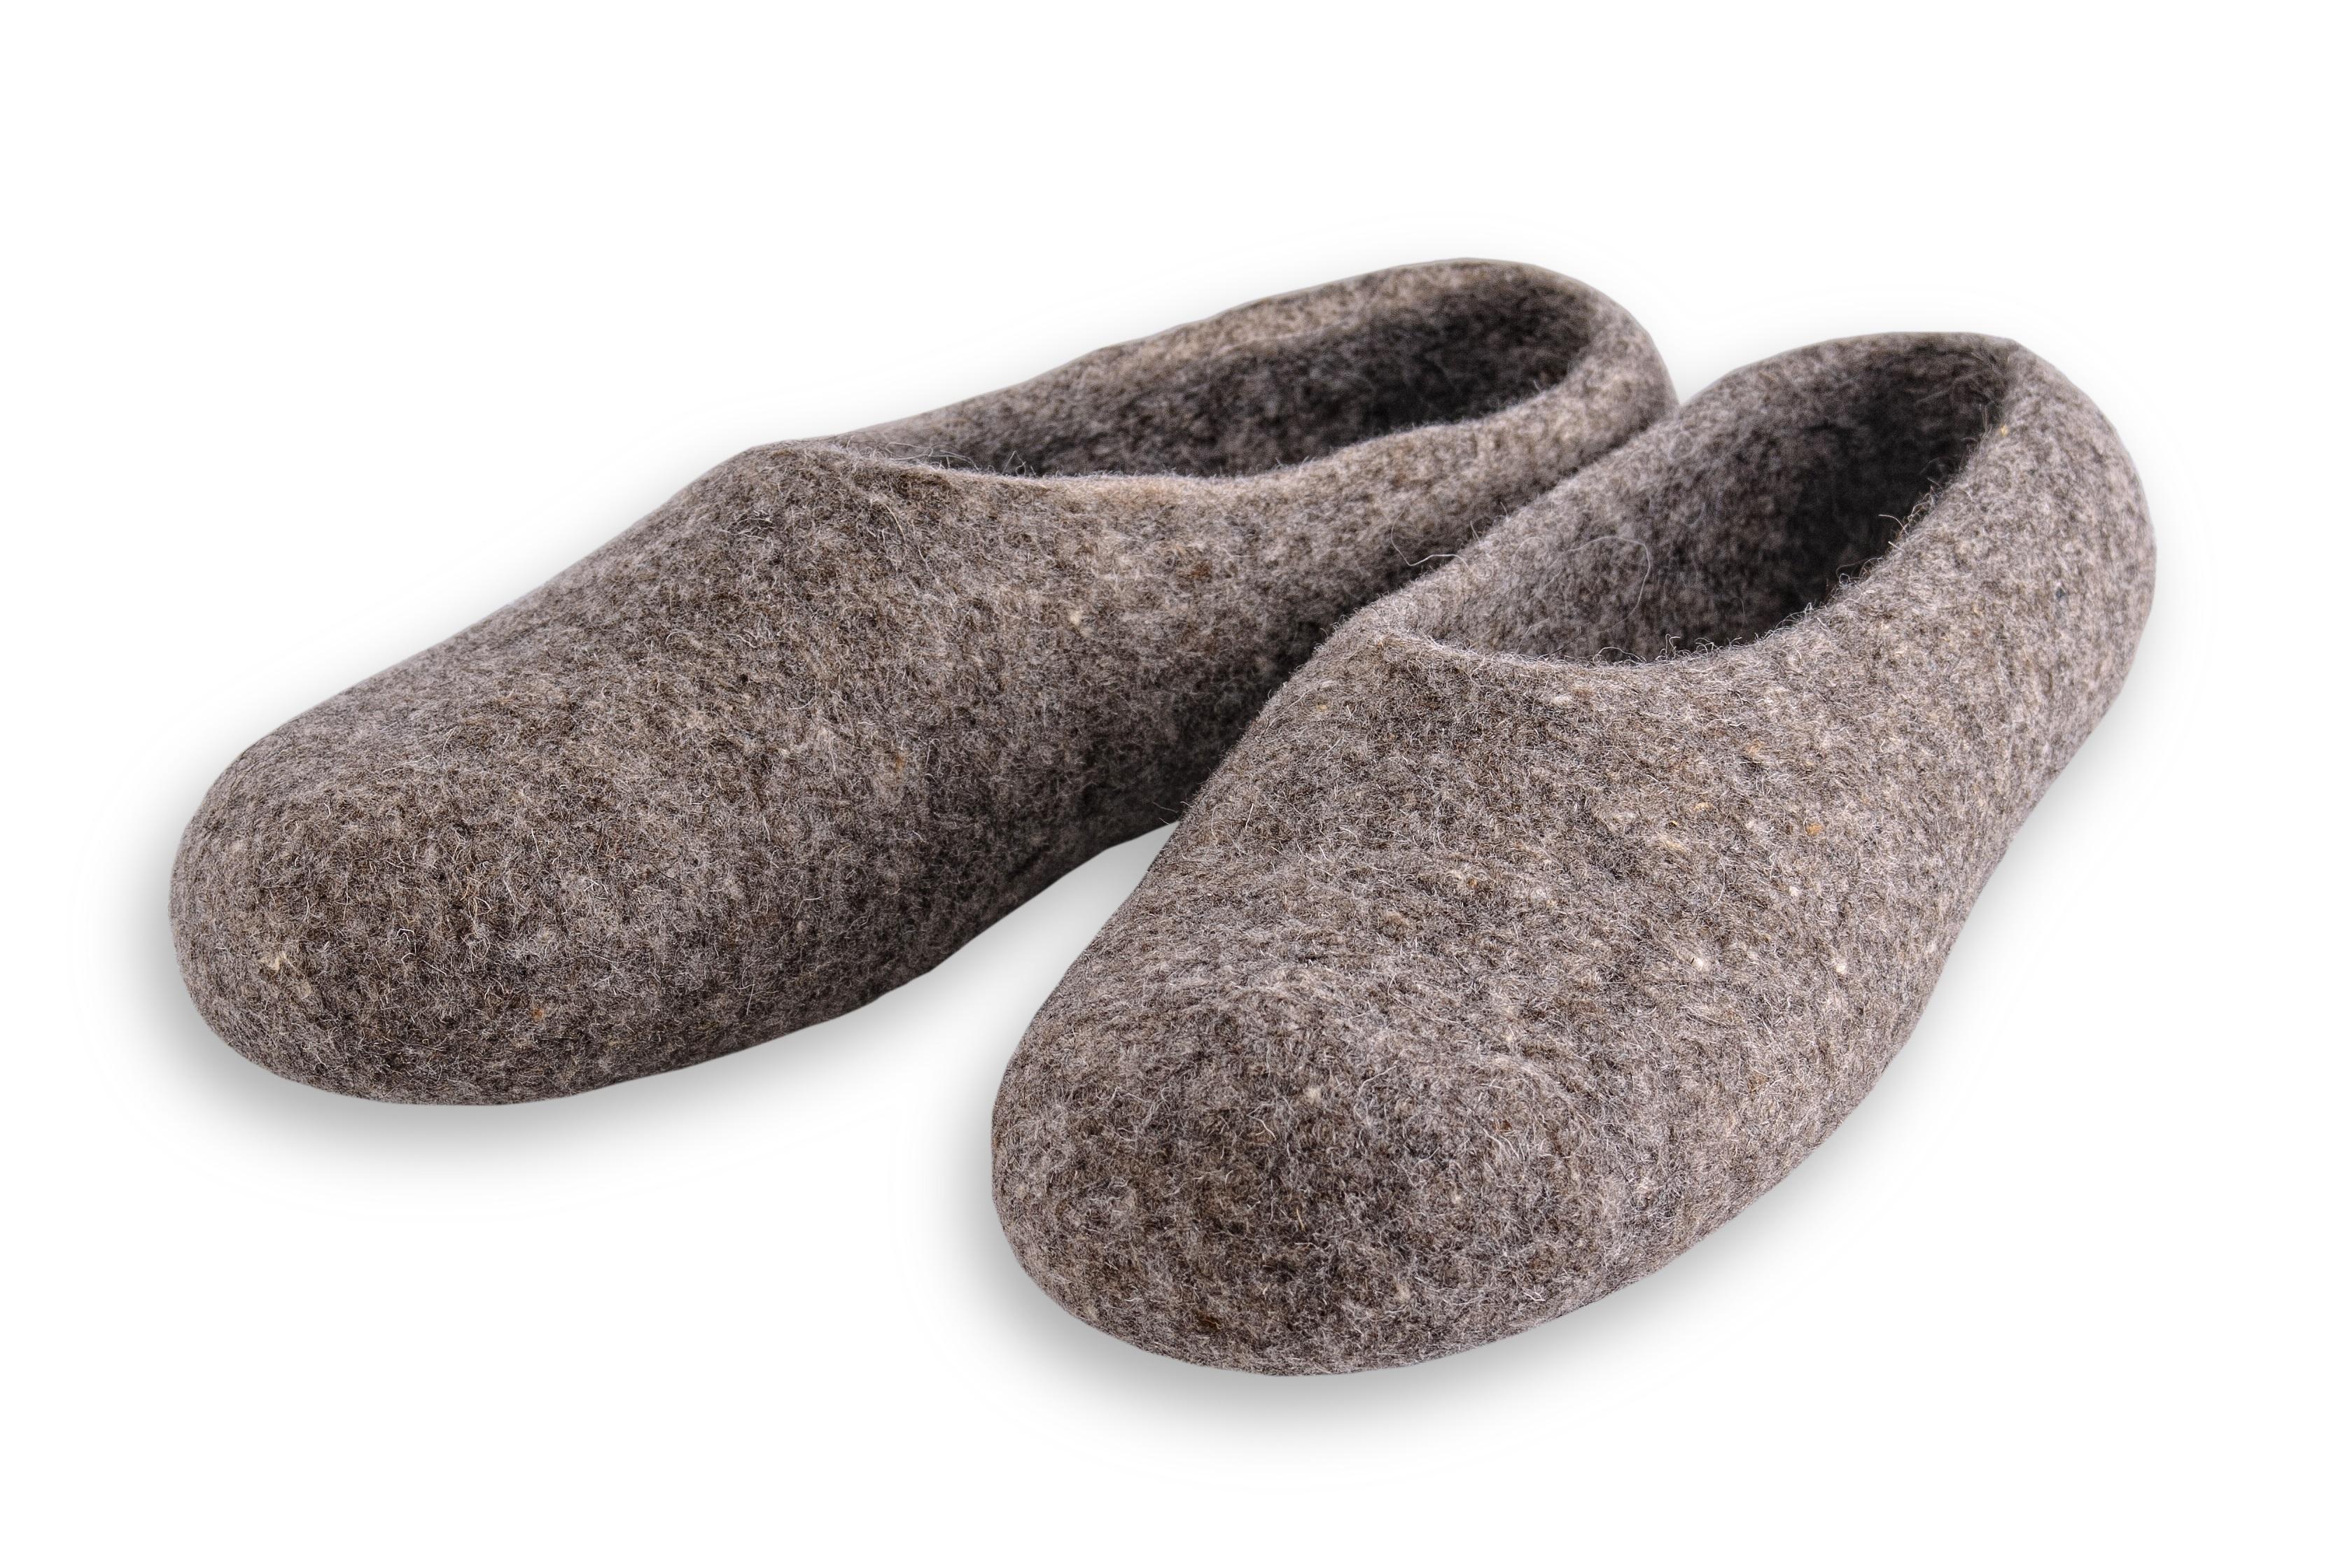 Filz Hausschuhe .sohle aus Gummi Noppen oder Filz 166 Herren Filz Pantoffeln